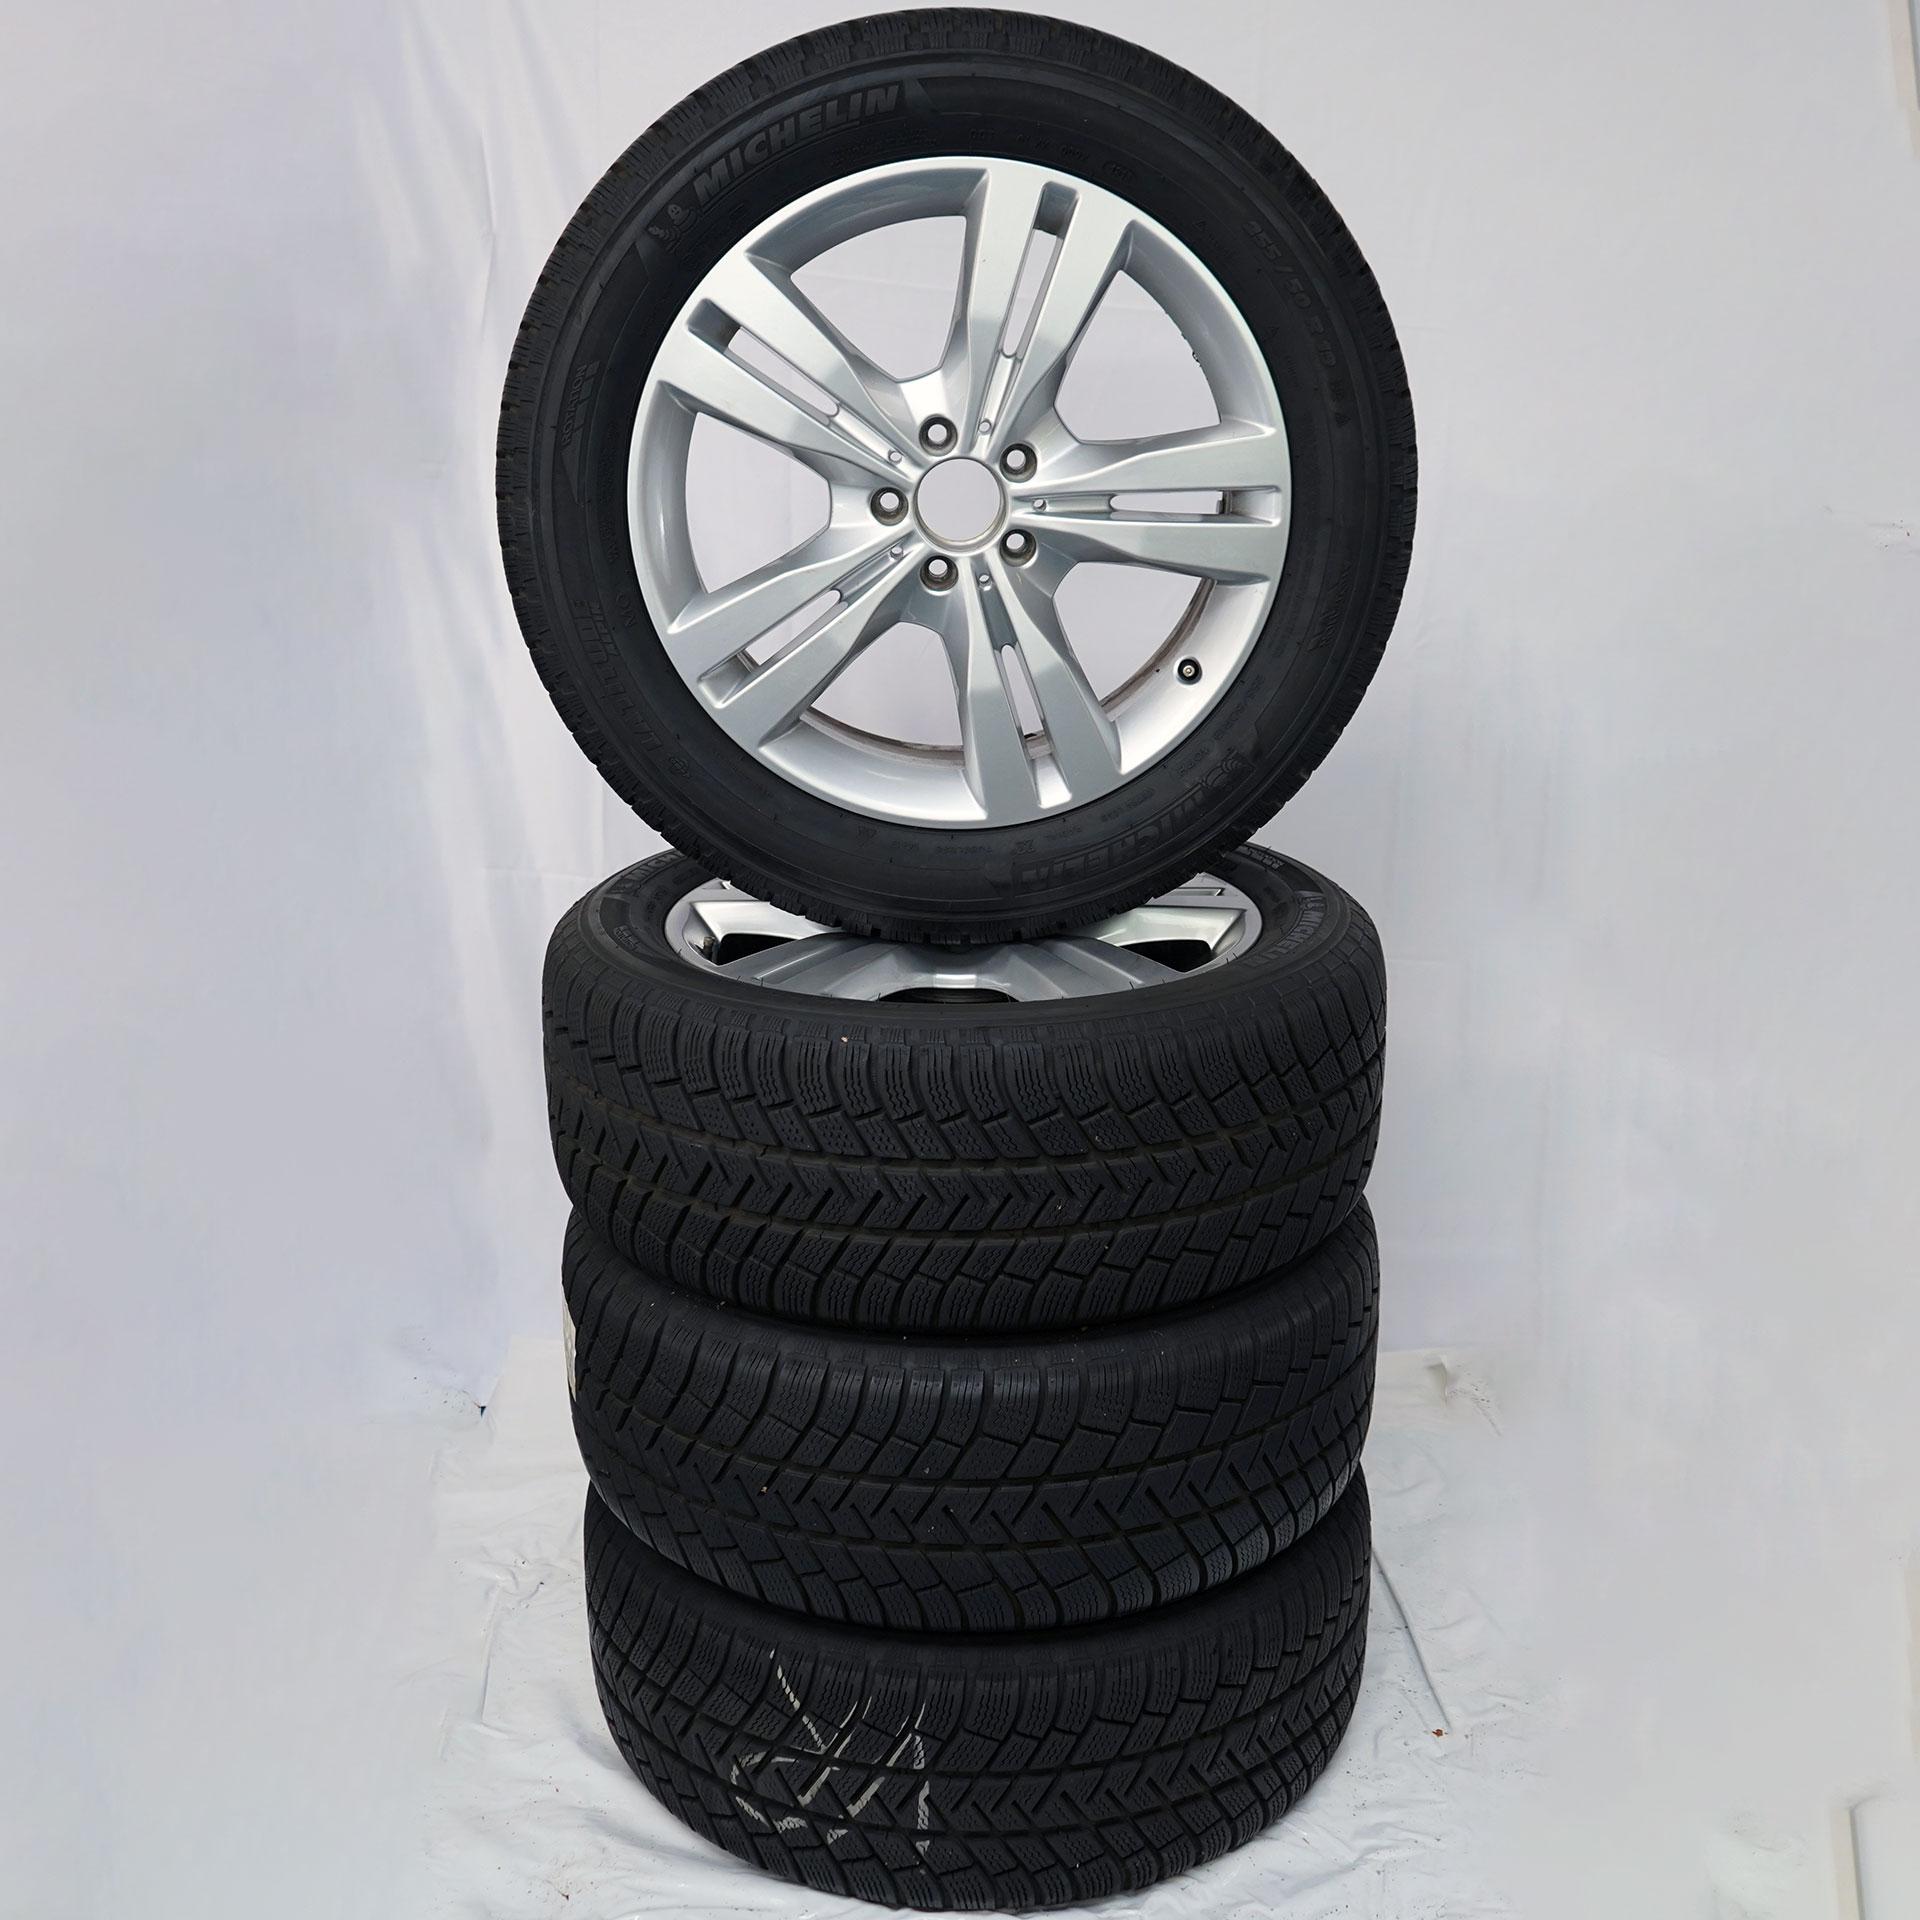 Gebrauchter 19 Zoll Original Mercedes-Benz Winterkomplettrad-Satz M-Klasse / GLE (166) Michelin